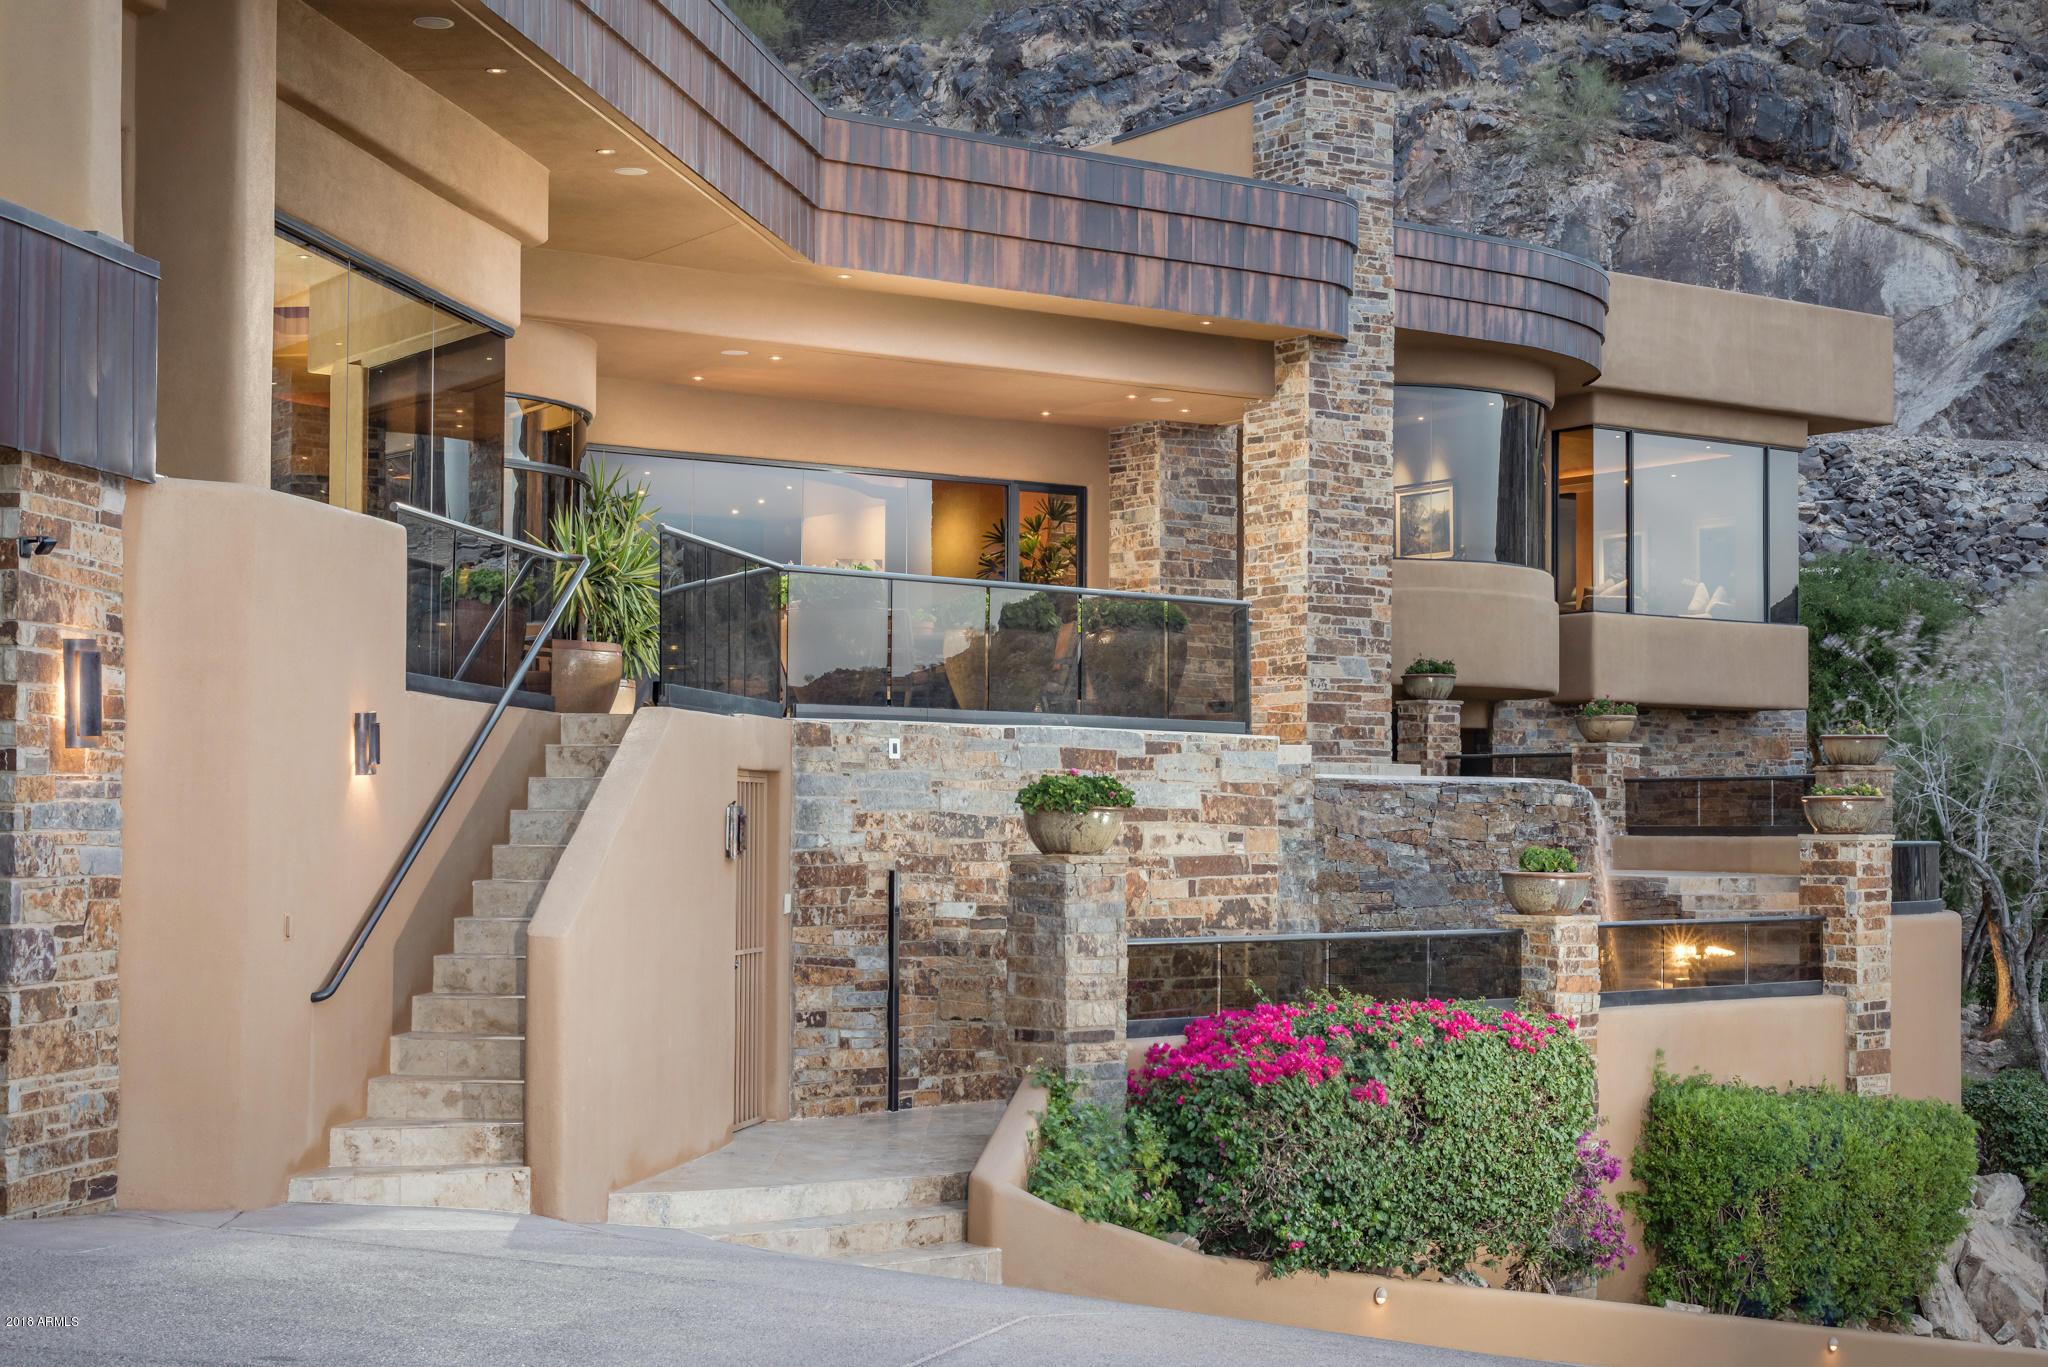 Photo of 5689 E QUARTZ MOUNTAIN Road, Paradise Valley, AZ 85253